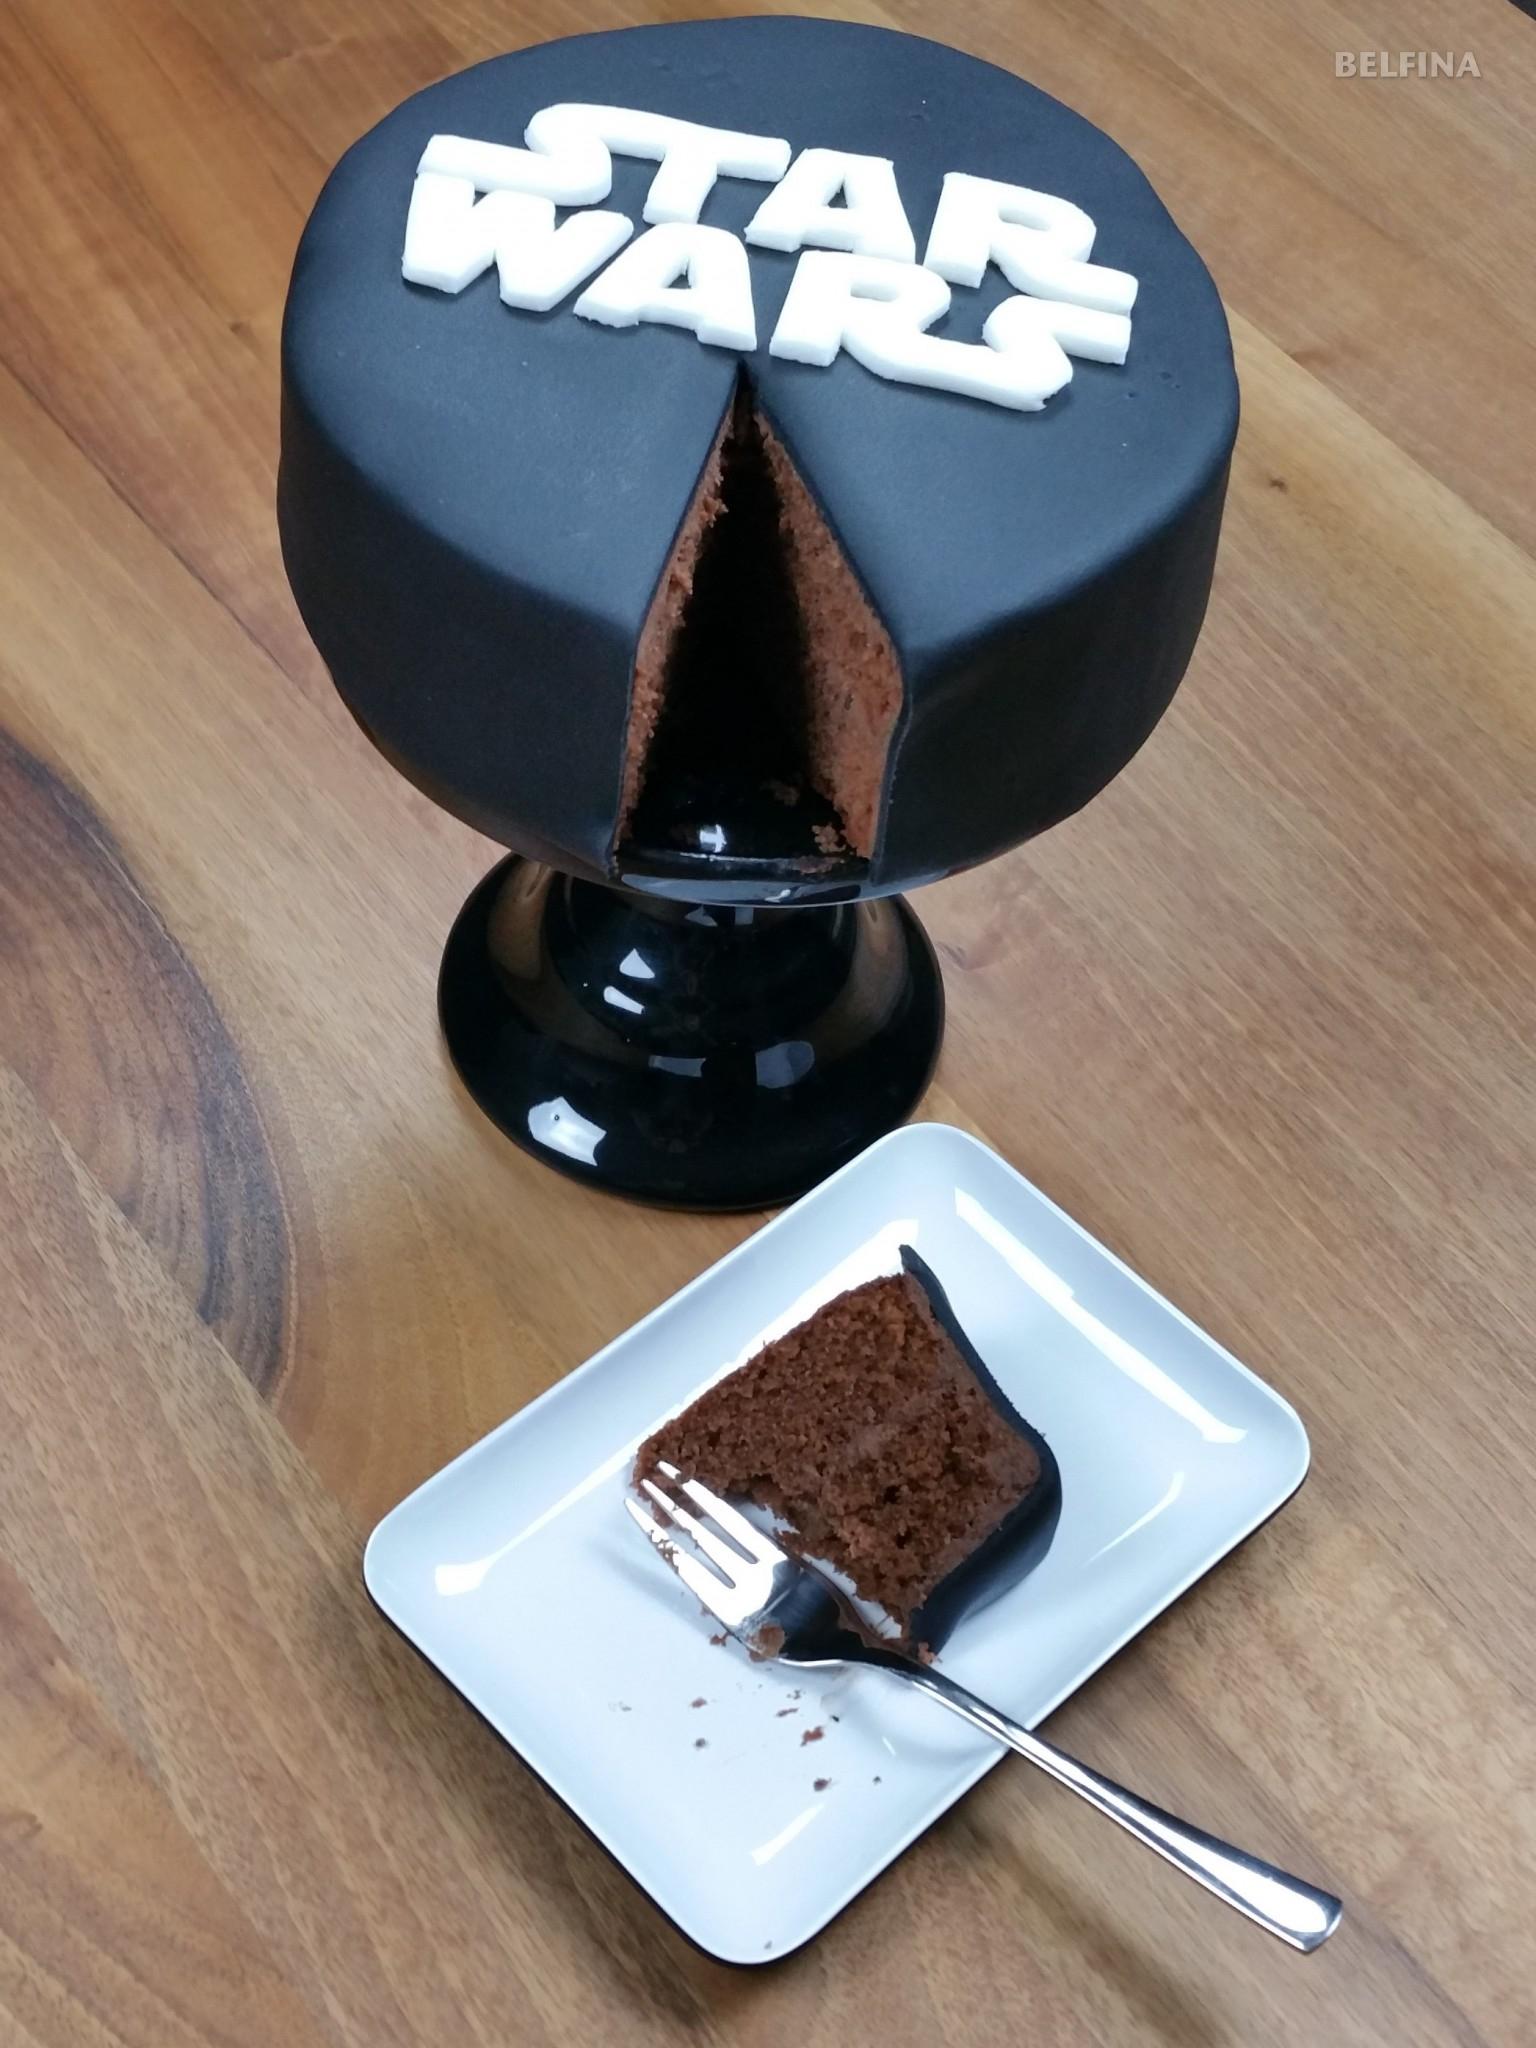 Starwars Kuchen Tinas Kochblog Von Belfina